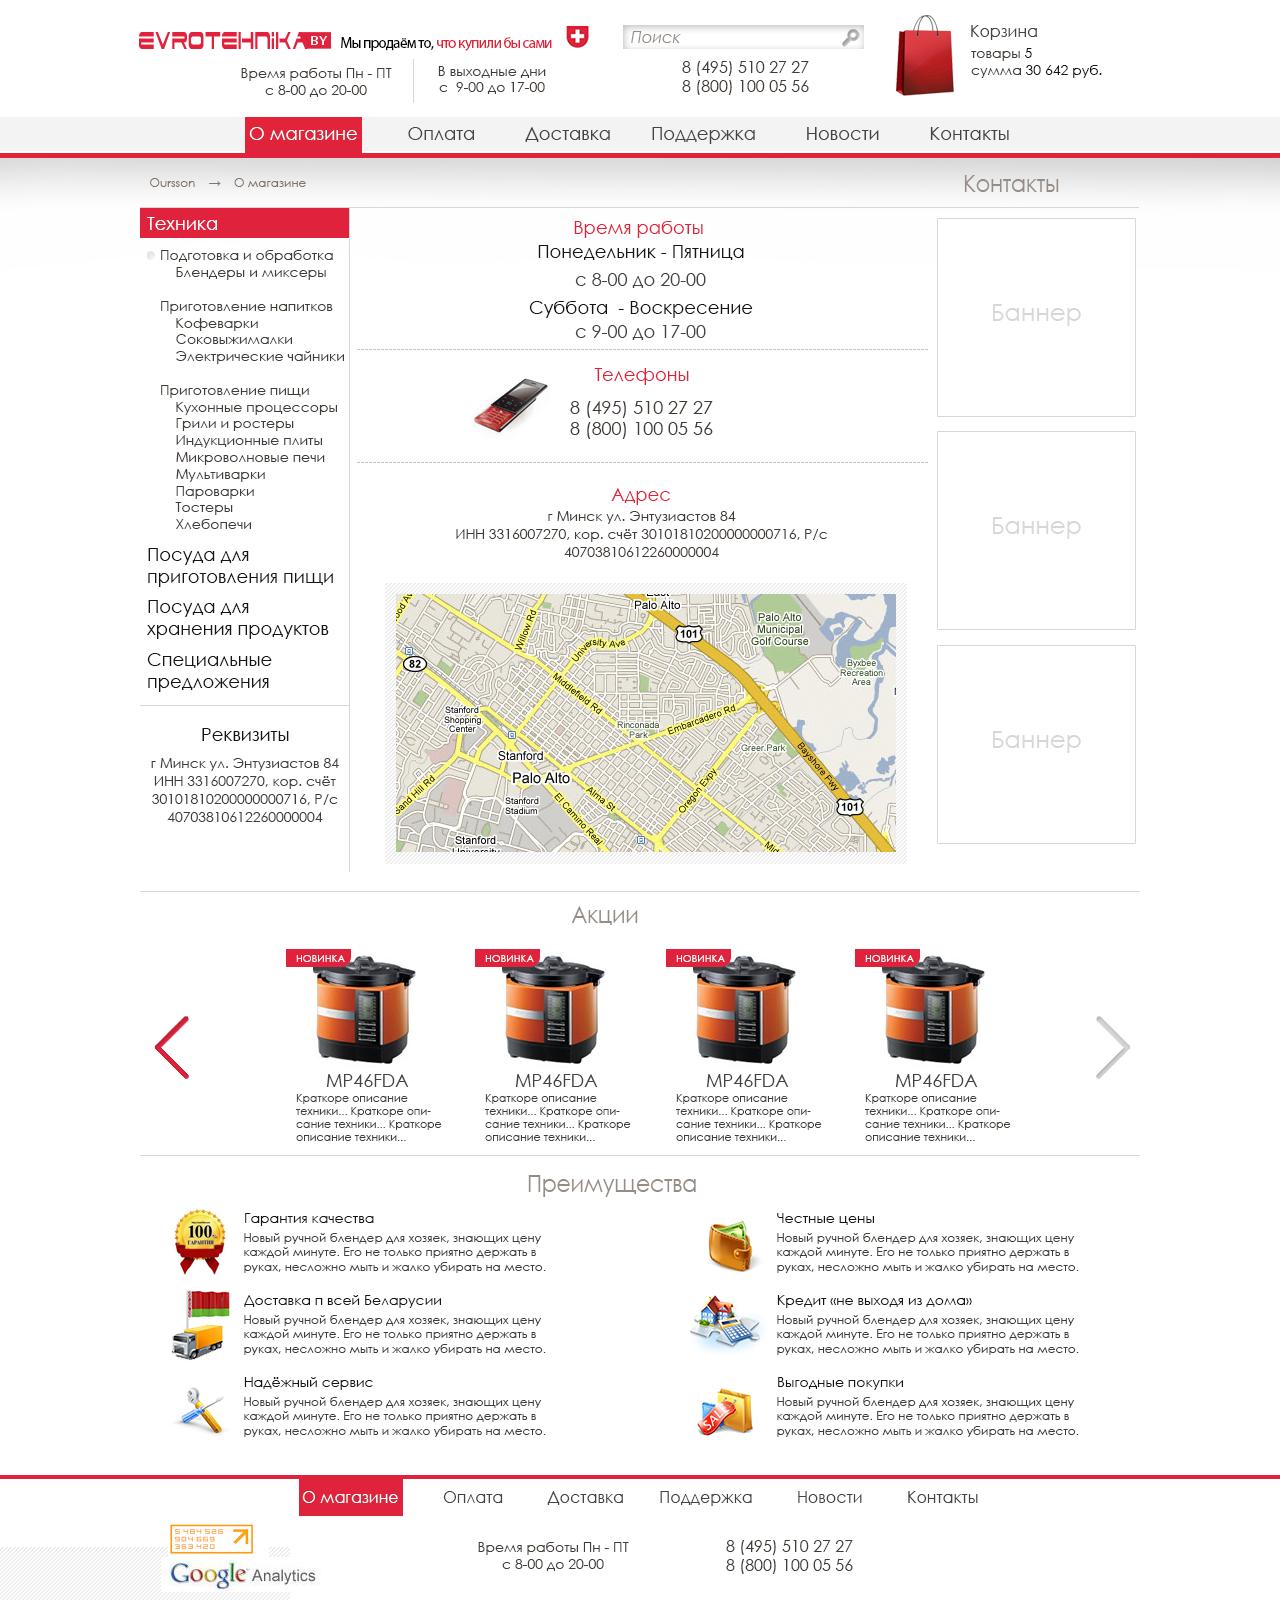 Верстка и дизайн сайта: Evrotehnika